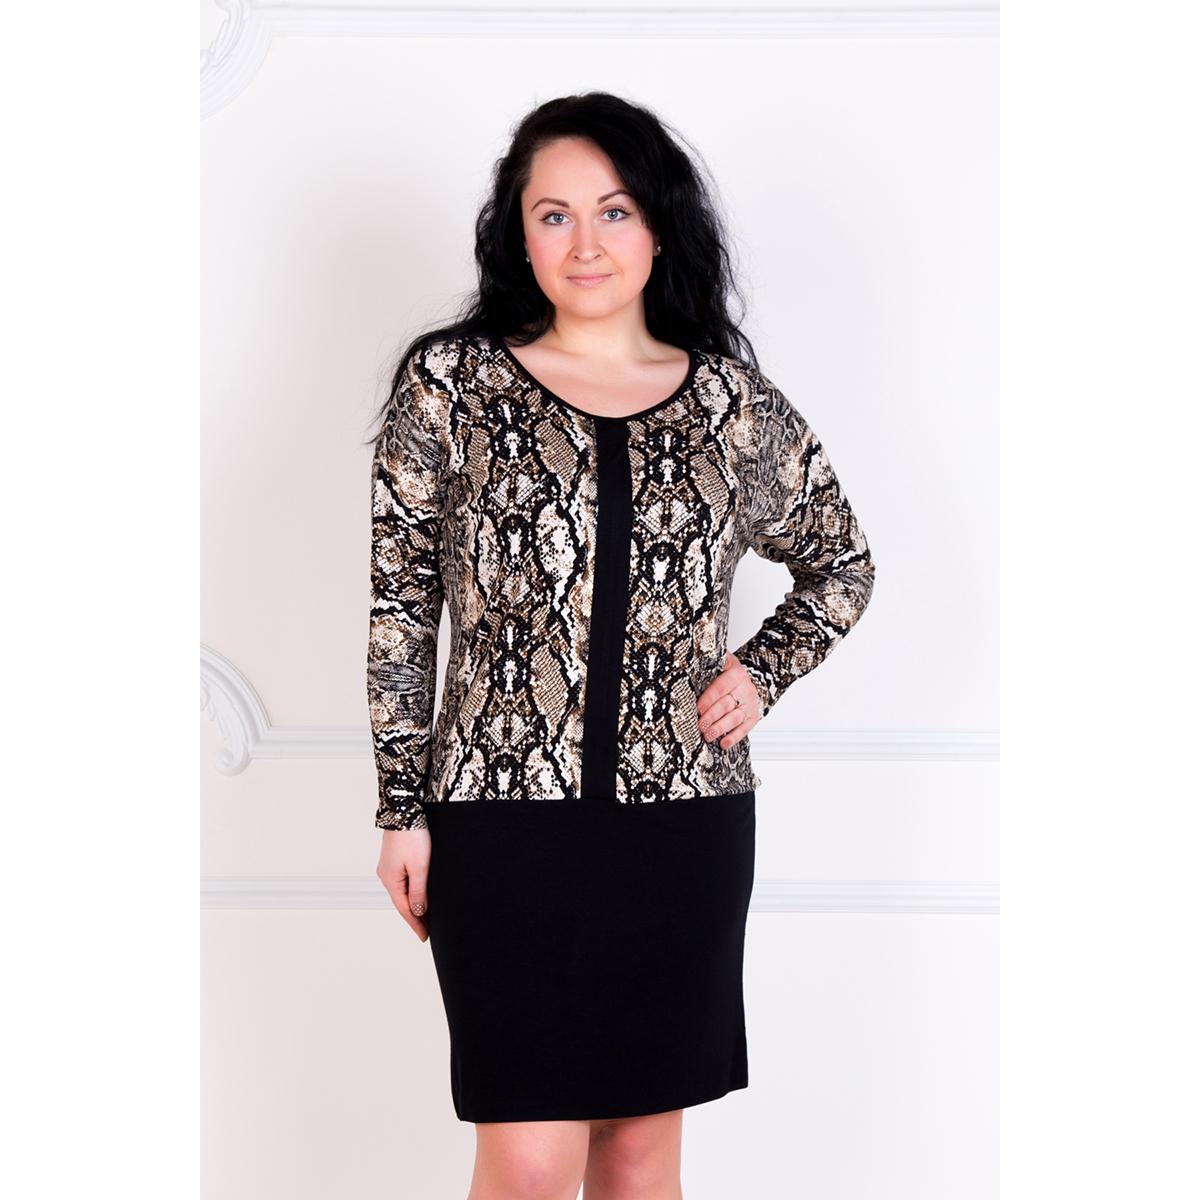 Женское платье Скарлет, размер 44Платья<br>Обхват груди: 88 см <br>Обхват талии: 68 см <br>Обхват бедер: 96 см <br>Длина по спинке: 84 см <br>Рост: 167 см<br><br>Тип: Жен. платье<br>Размер: 44<br>Материал: Вискоза